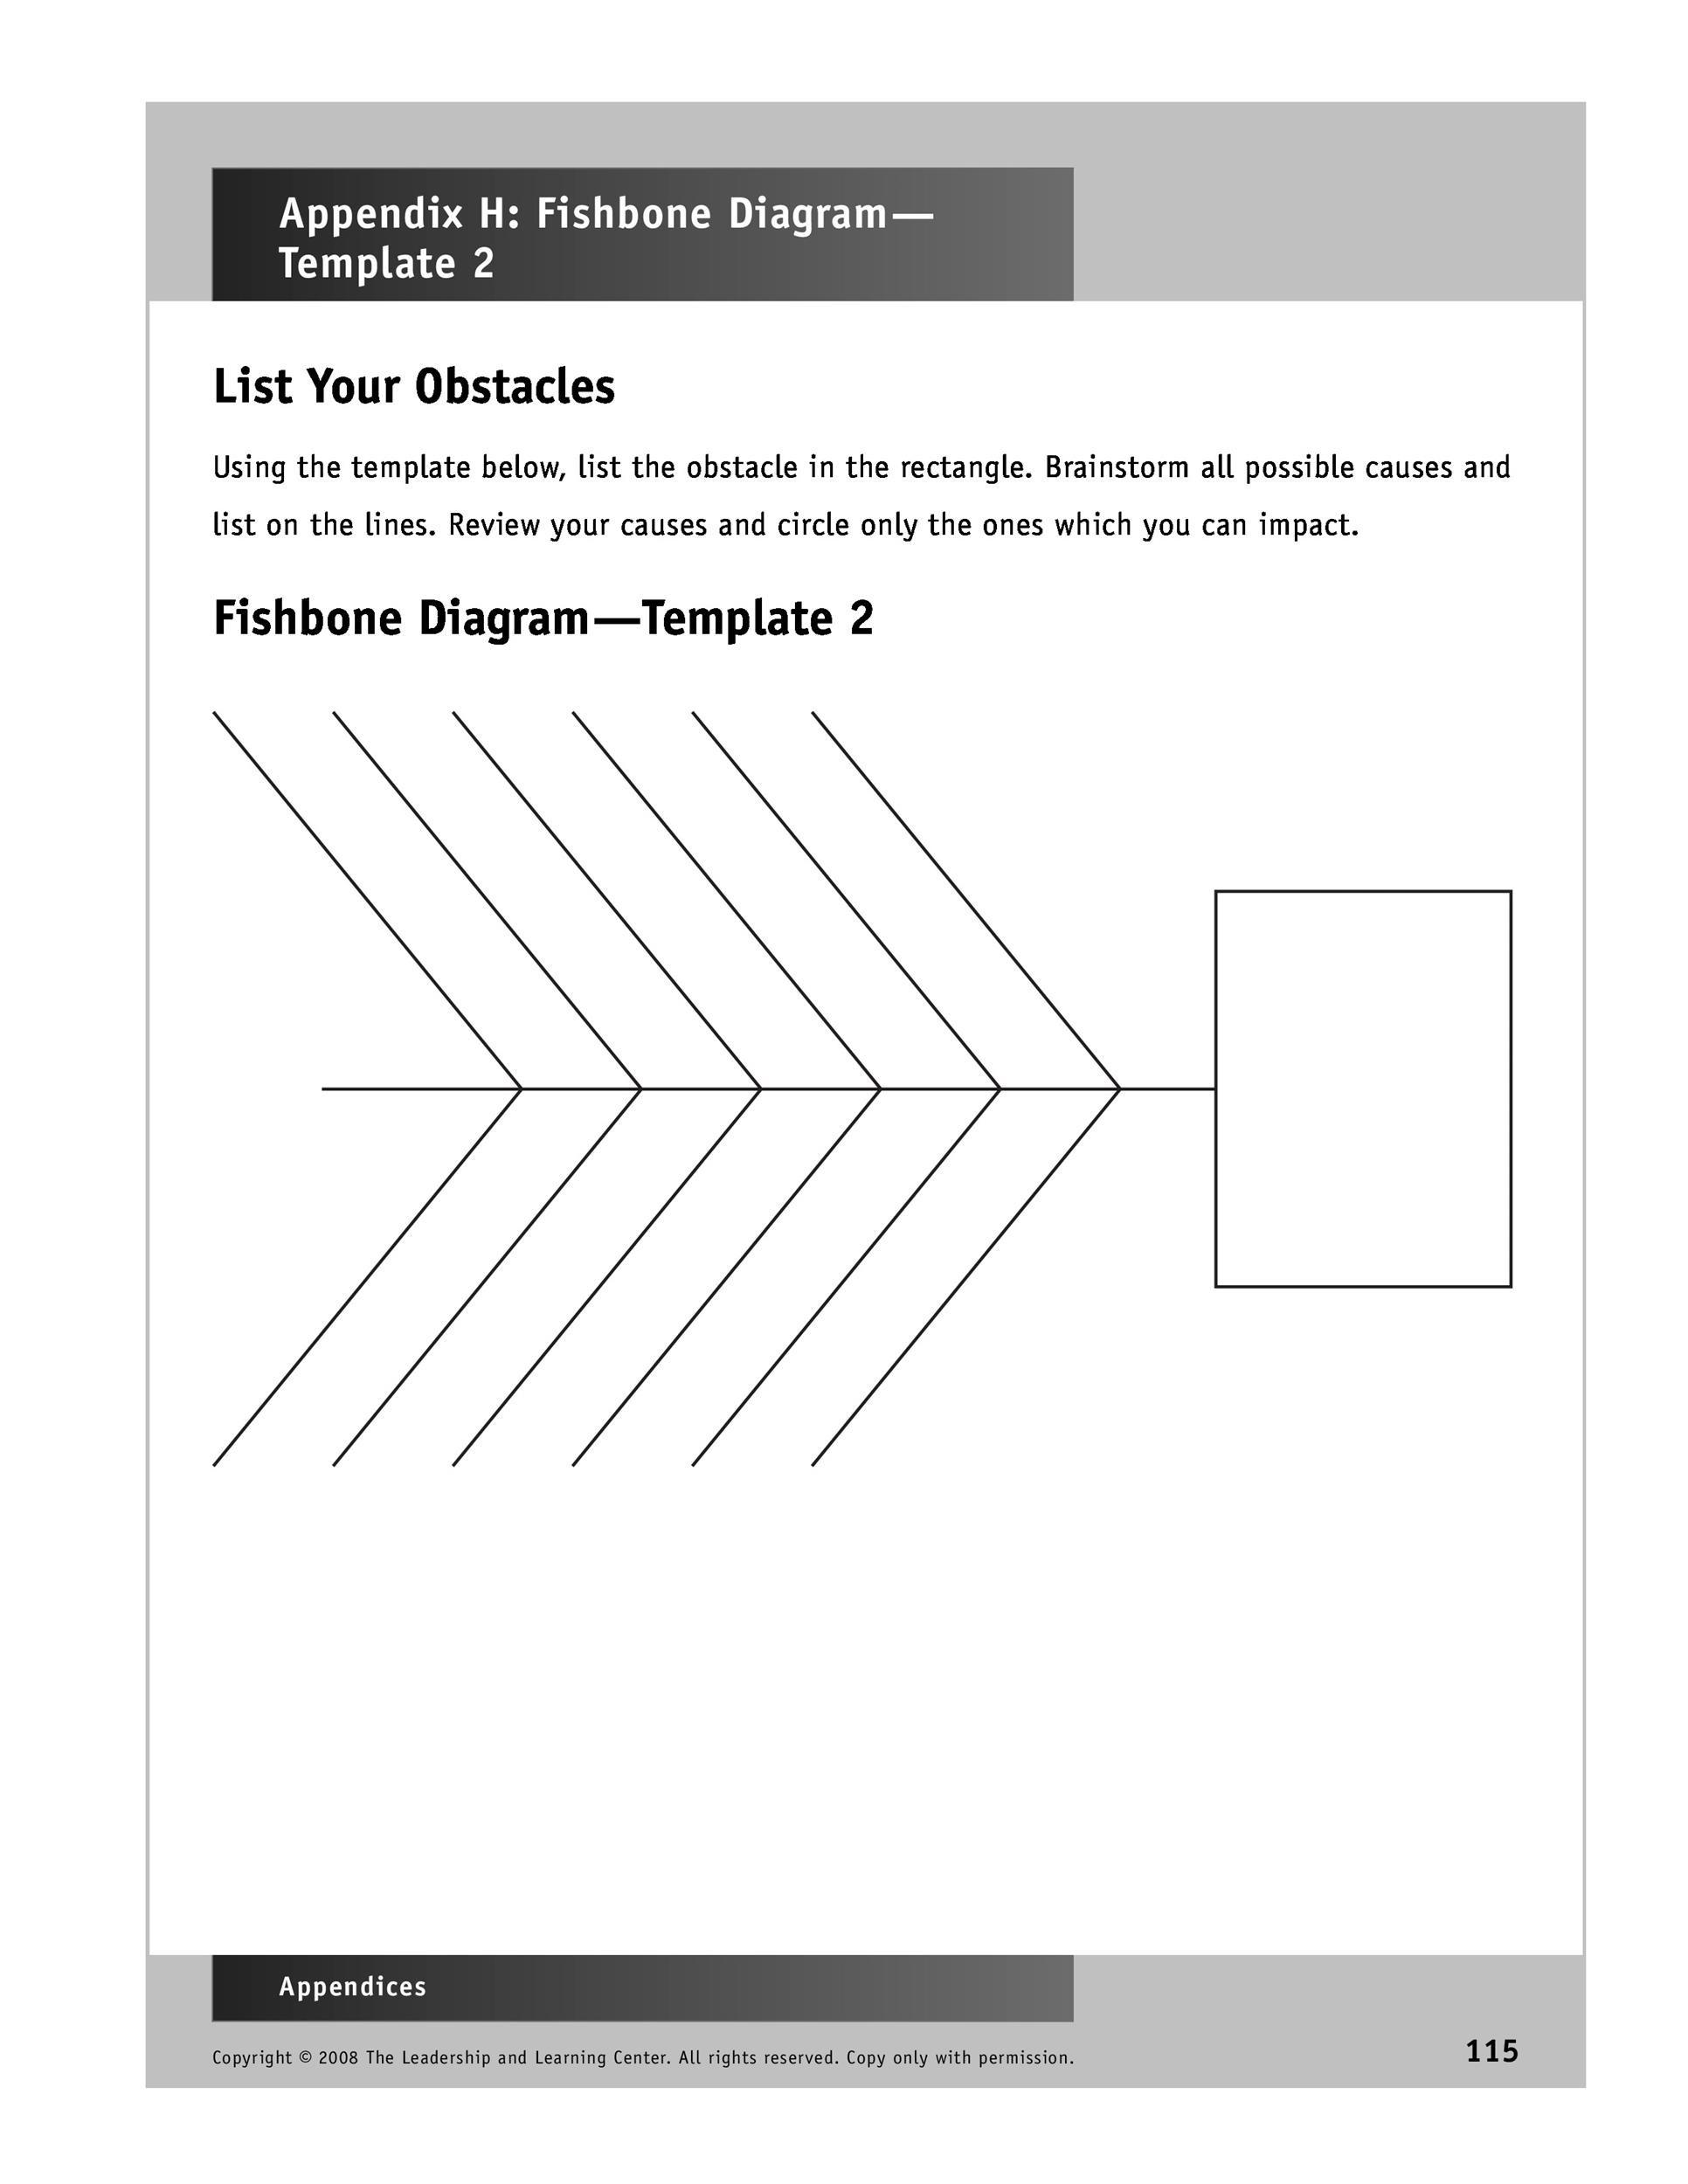 Free Fishbone Diagram Template 42